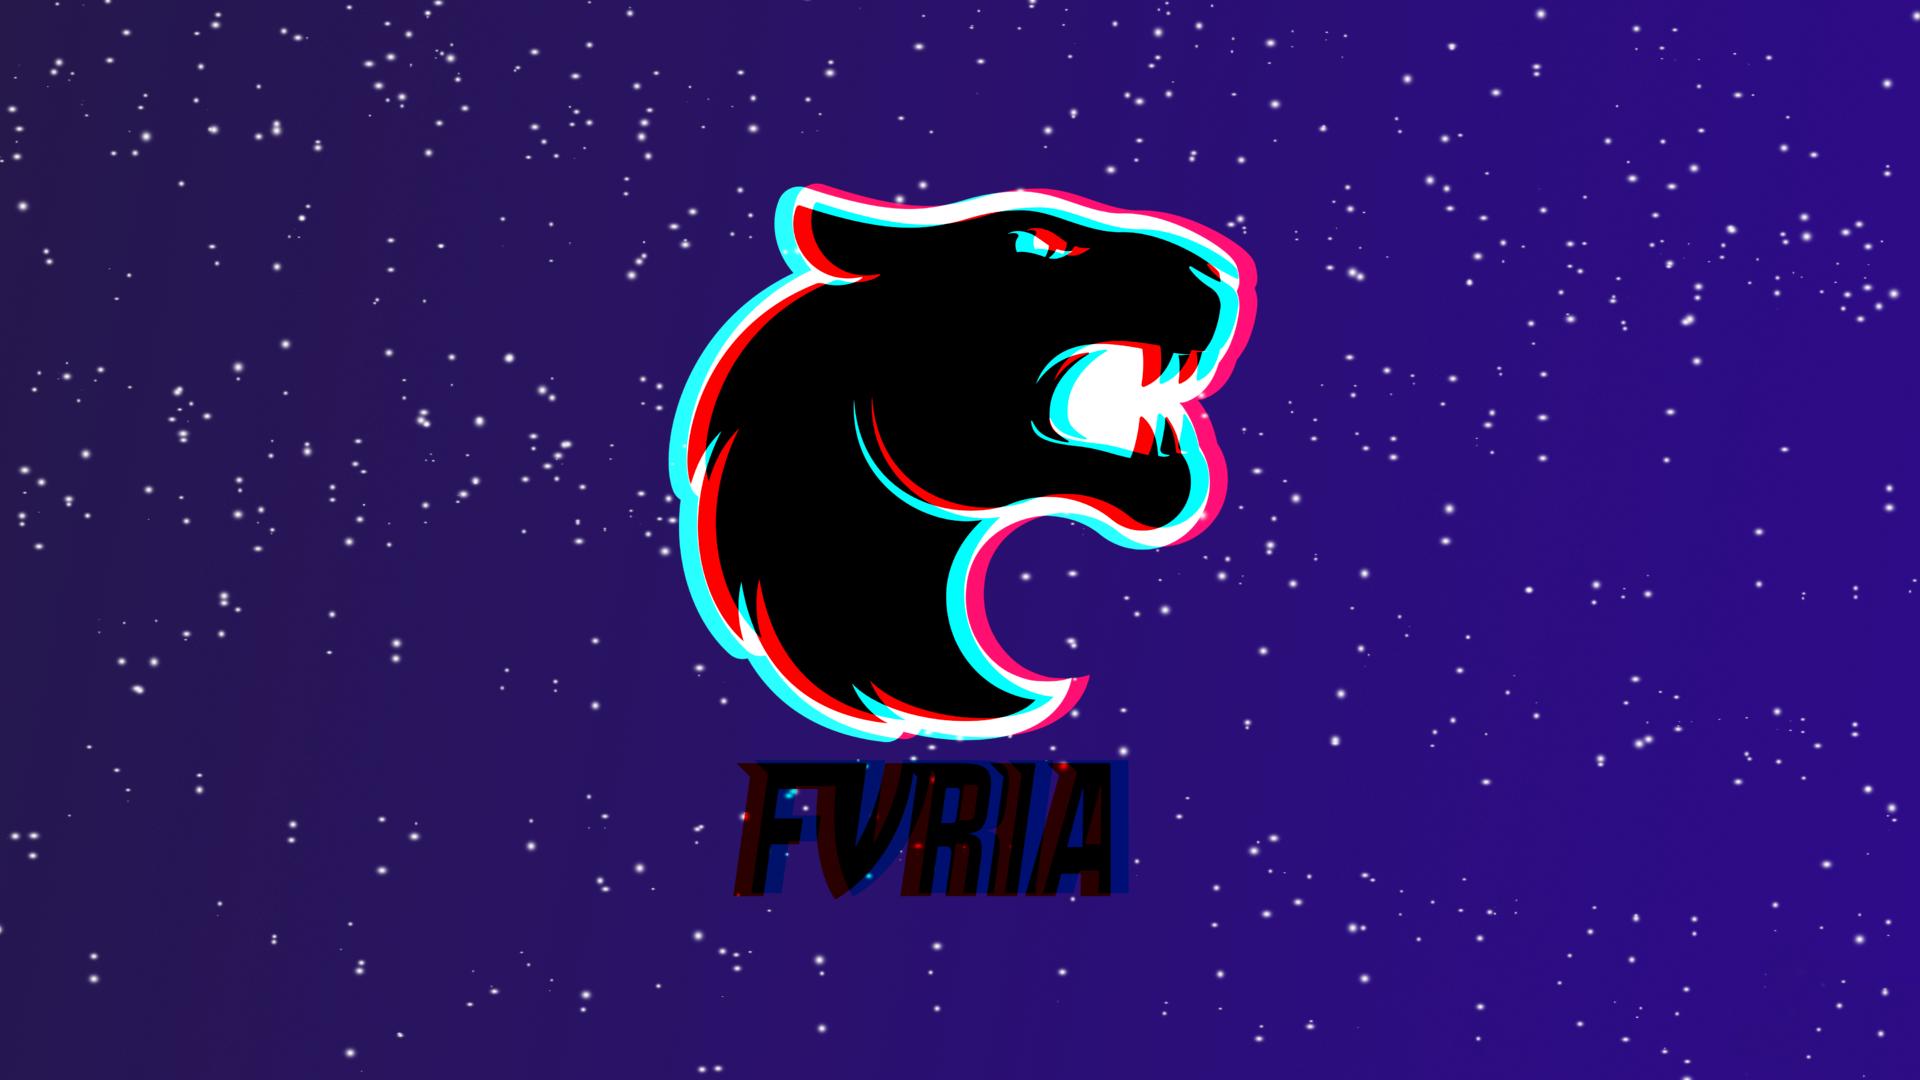 FURIA.GG